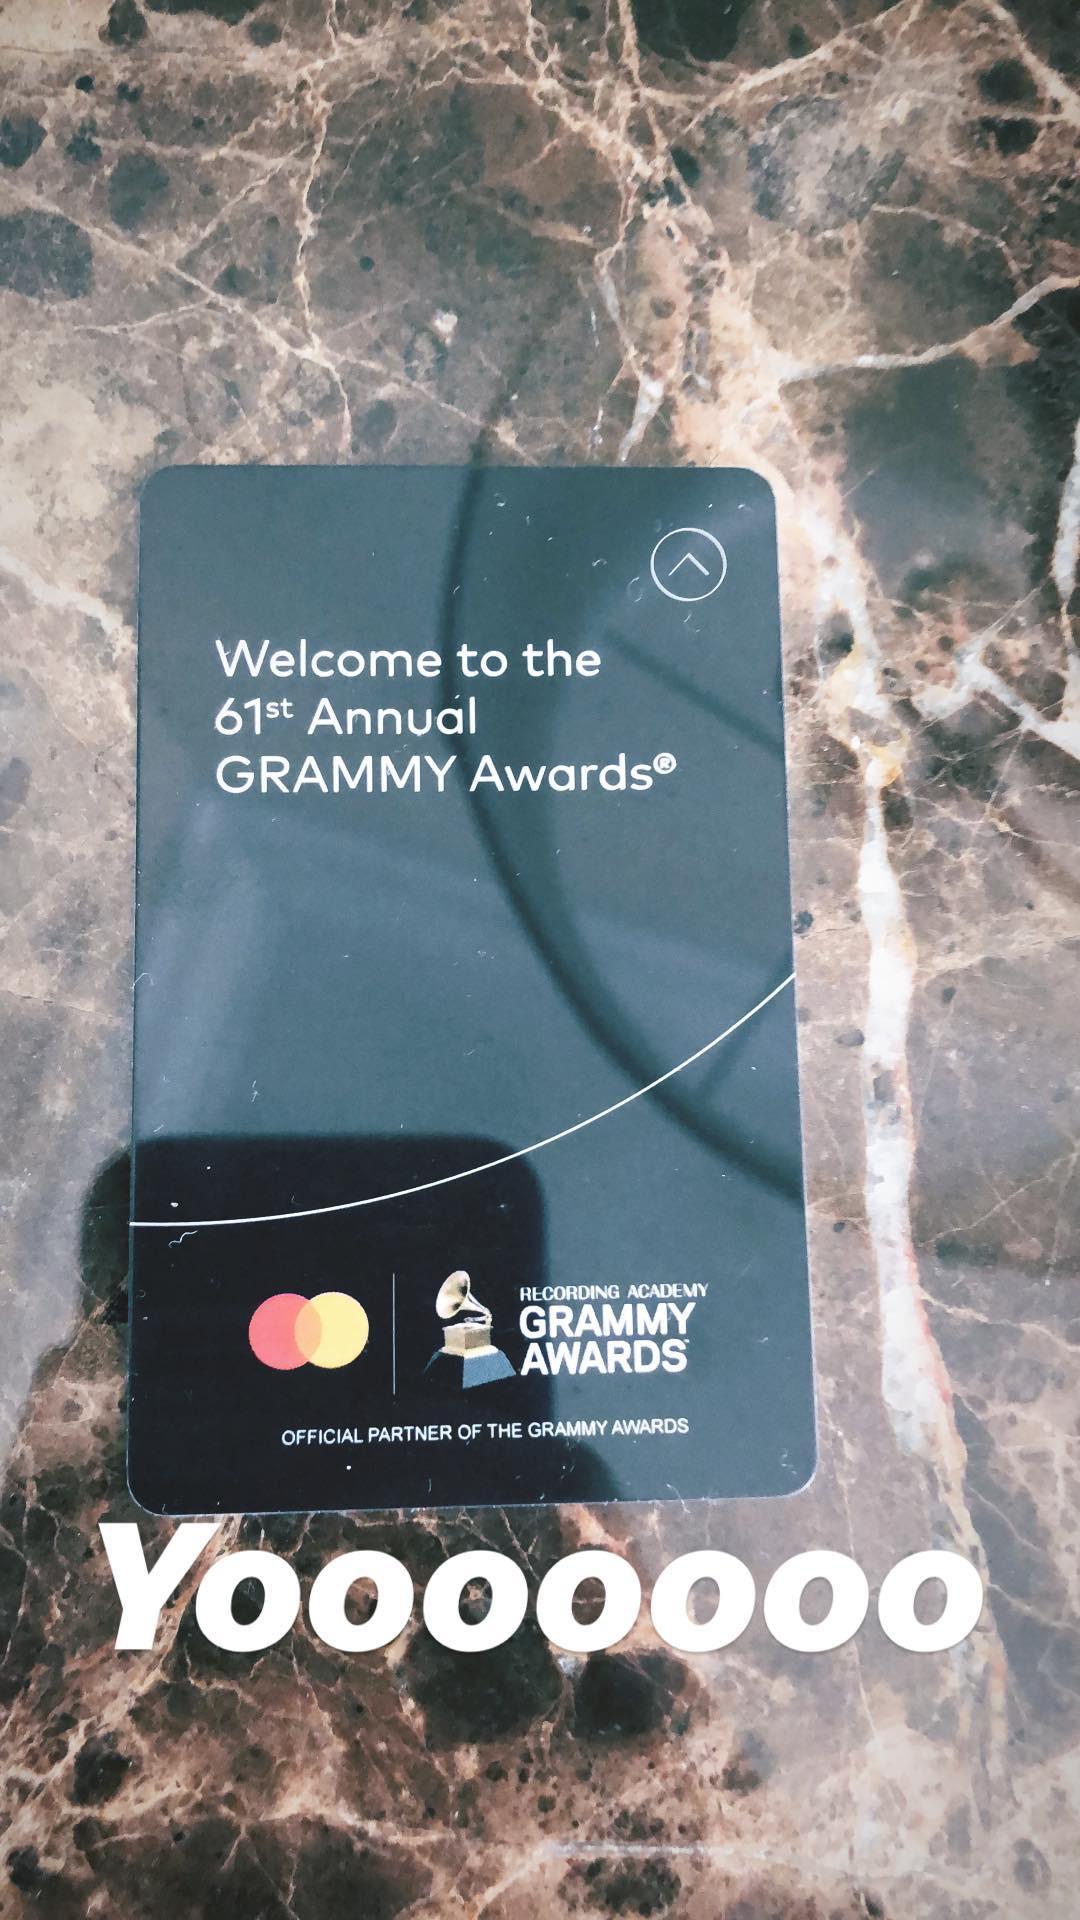 Bất ngờ chưa, BTS chẳng phải là nghệ sĩ Kpop duy nhất tham dự Grammy 2019! - Ảnh 1.